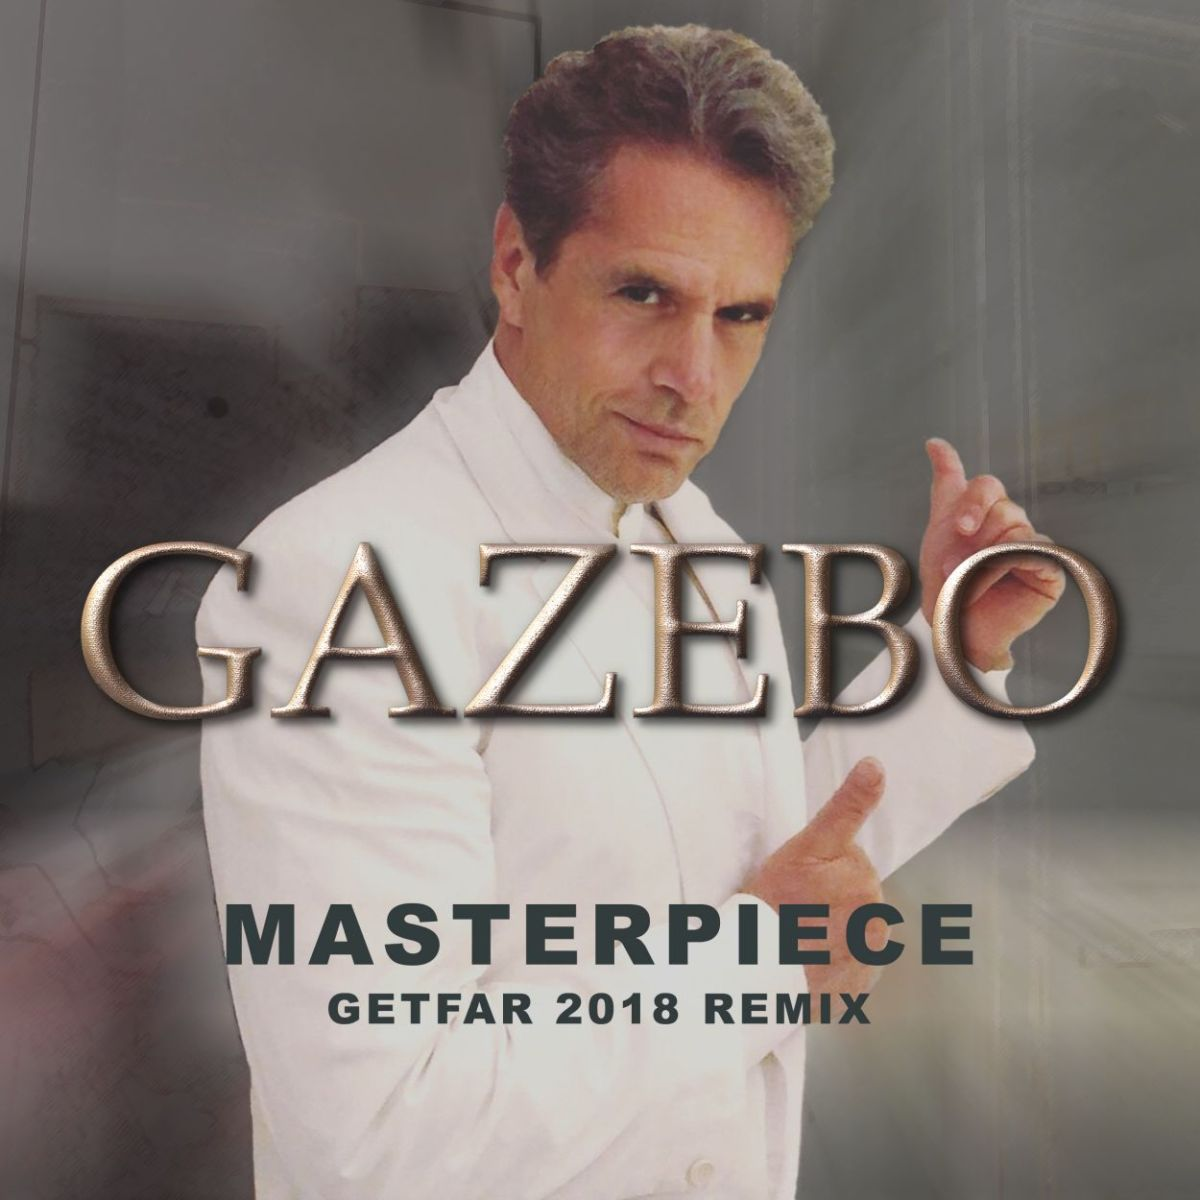 """GAZEBO: il 16 novembre esce """"MASTERPIECE (GET FAR 2018 REMIX)"""", il remix della super hit degli anni '80 realizzato dal dj Mario Fargetta"""